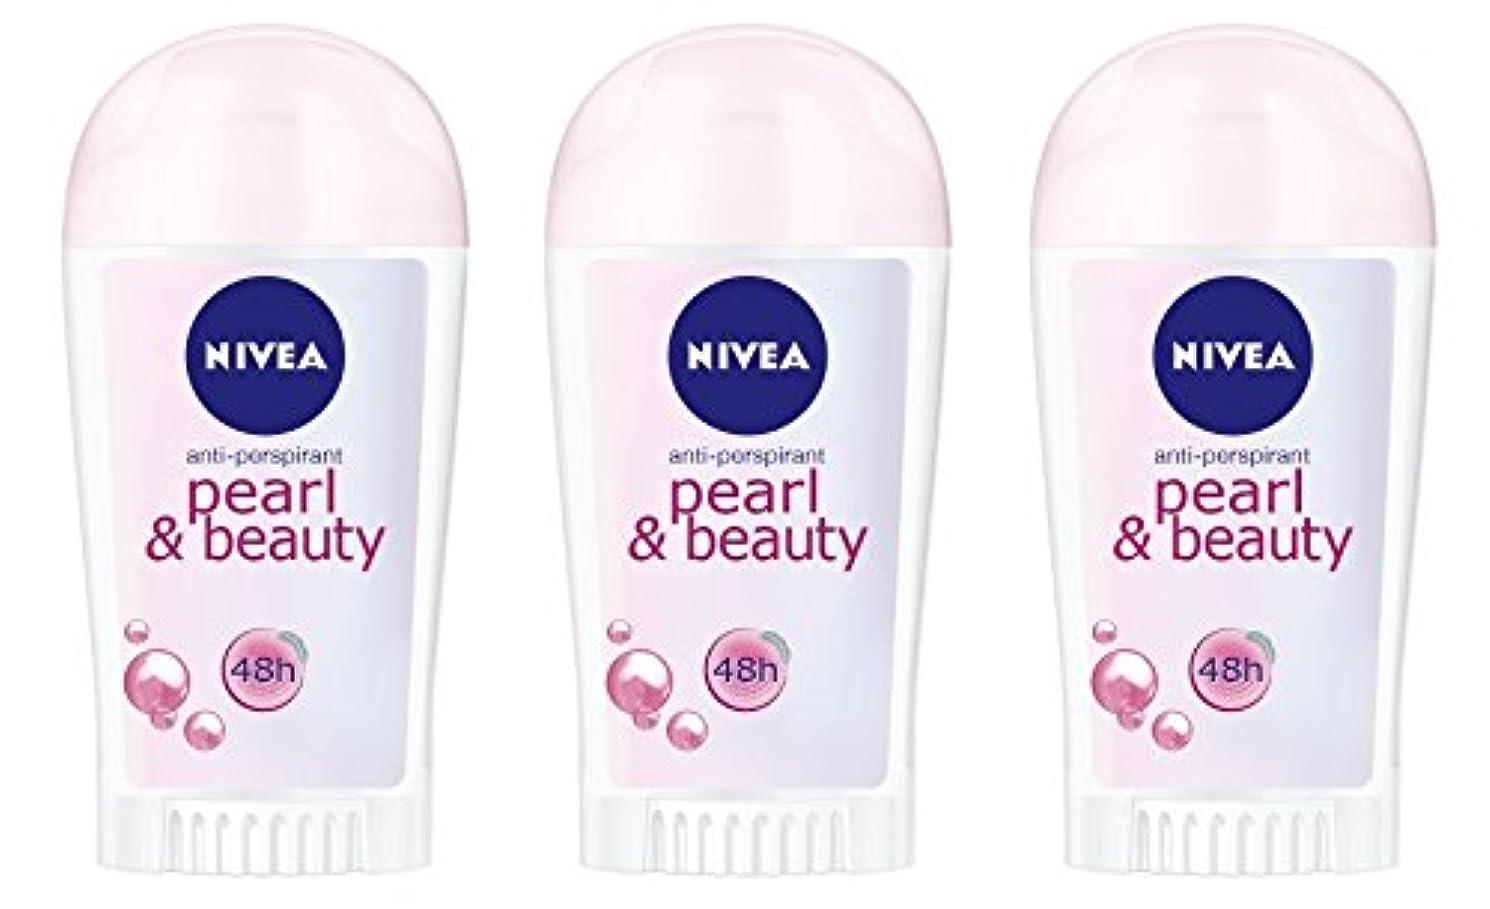 協力噴出する文明化する(3パック) ニベアパールそしてビューティー制汗剤デオドラントスティック女性のための3x40ml - (Pack of 3) Nivea Pearl & Beauty Anti-perspirant Deodorant...